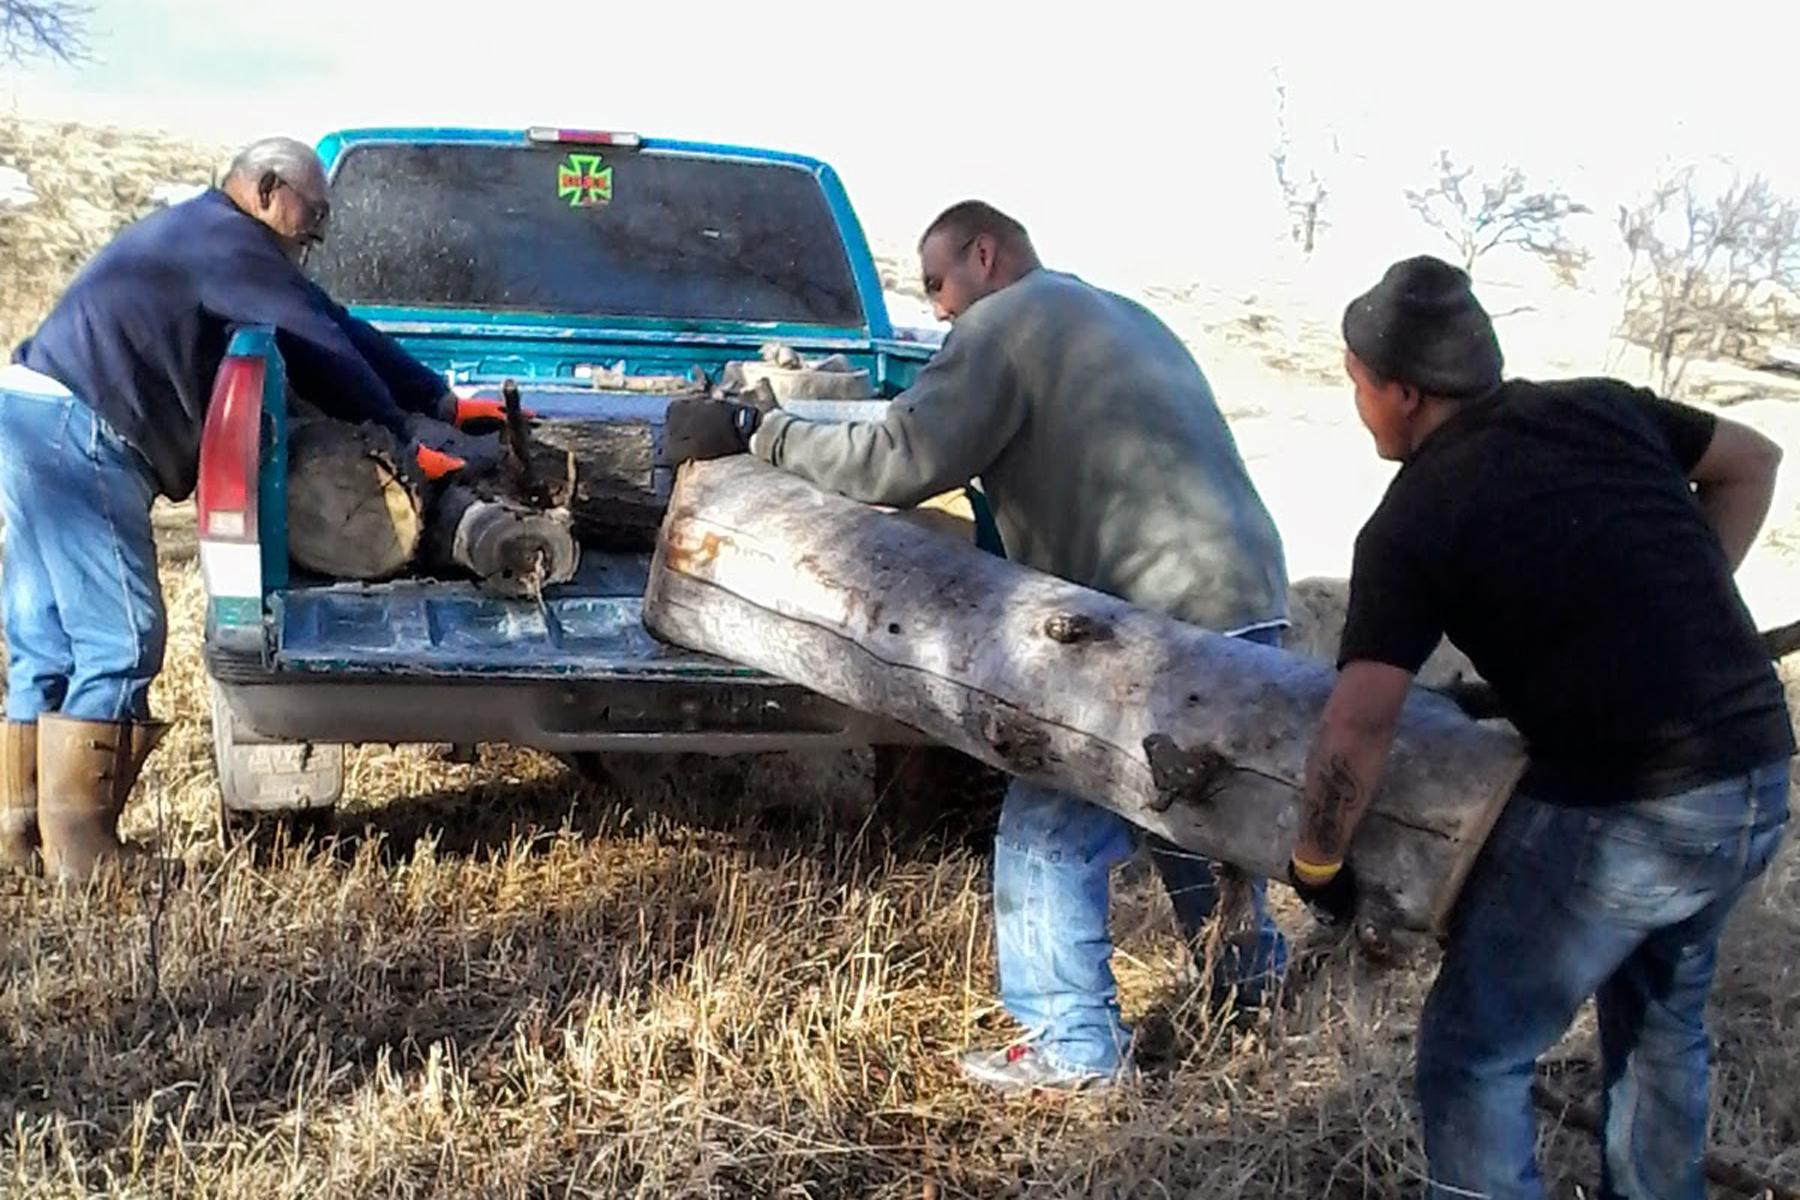 Wood cutting 7